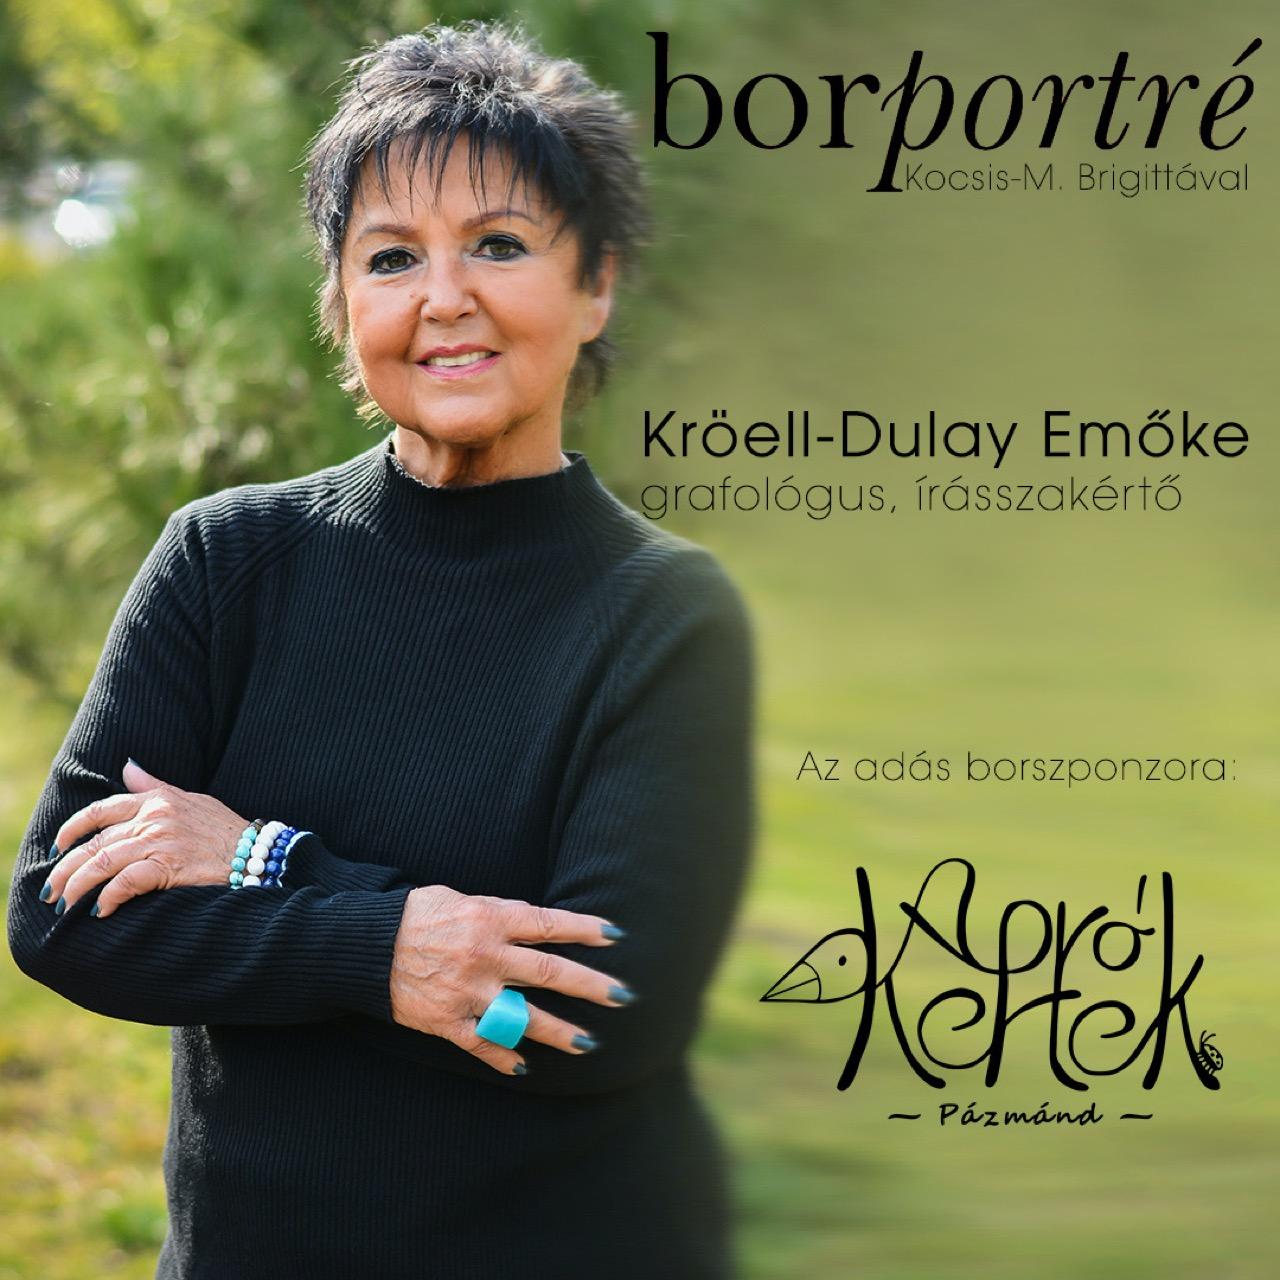 borportre_2021_05_26_kroell-dulay_emoke_grafologus_aprokertek_kocka